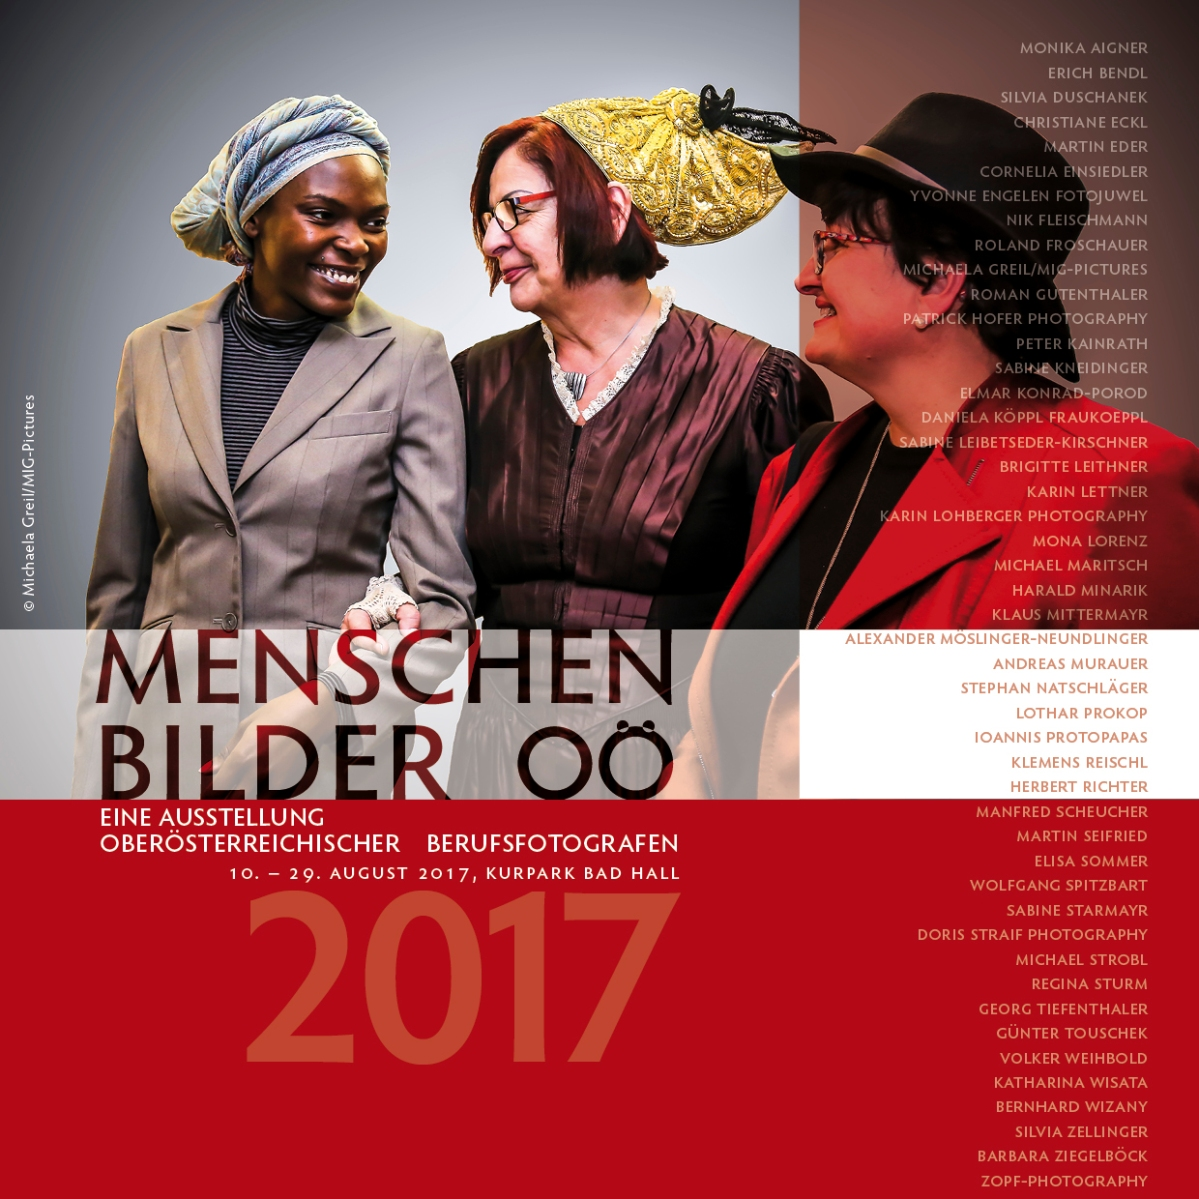 Einladung zur Vernissage & Ausstellung: BAD HALL 10.8.-29.8.2017 - VERLÄNGERUNG: Menschenbilder OÖ 2017, OÖ BerufsfotografInnen 4.5.-29.8.2017